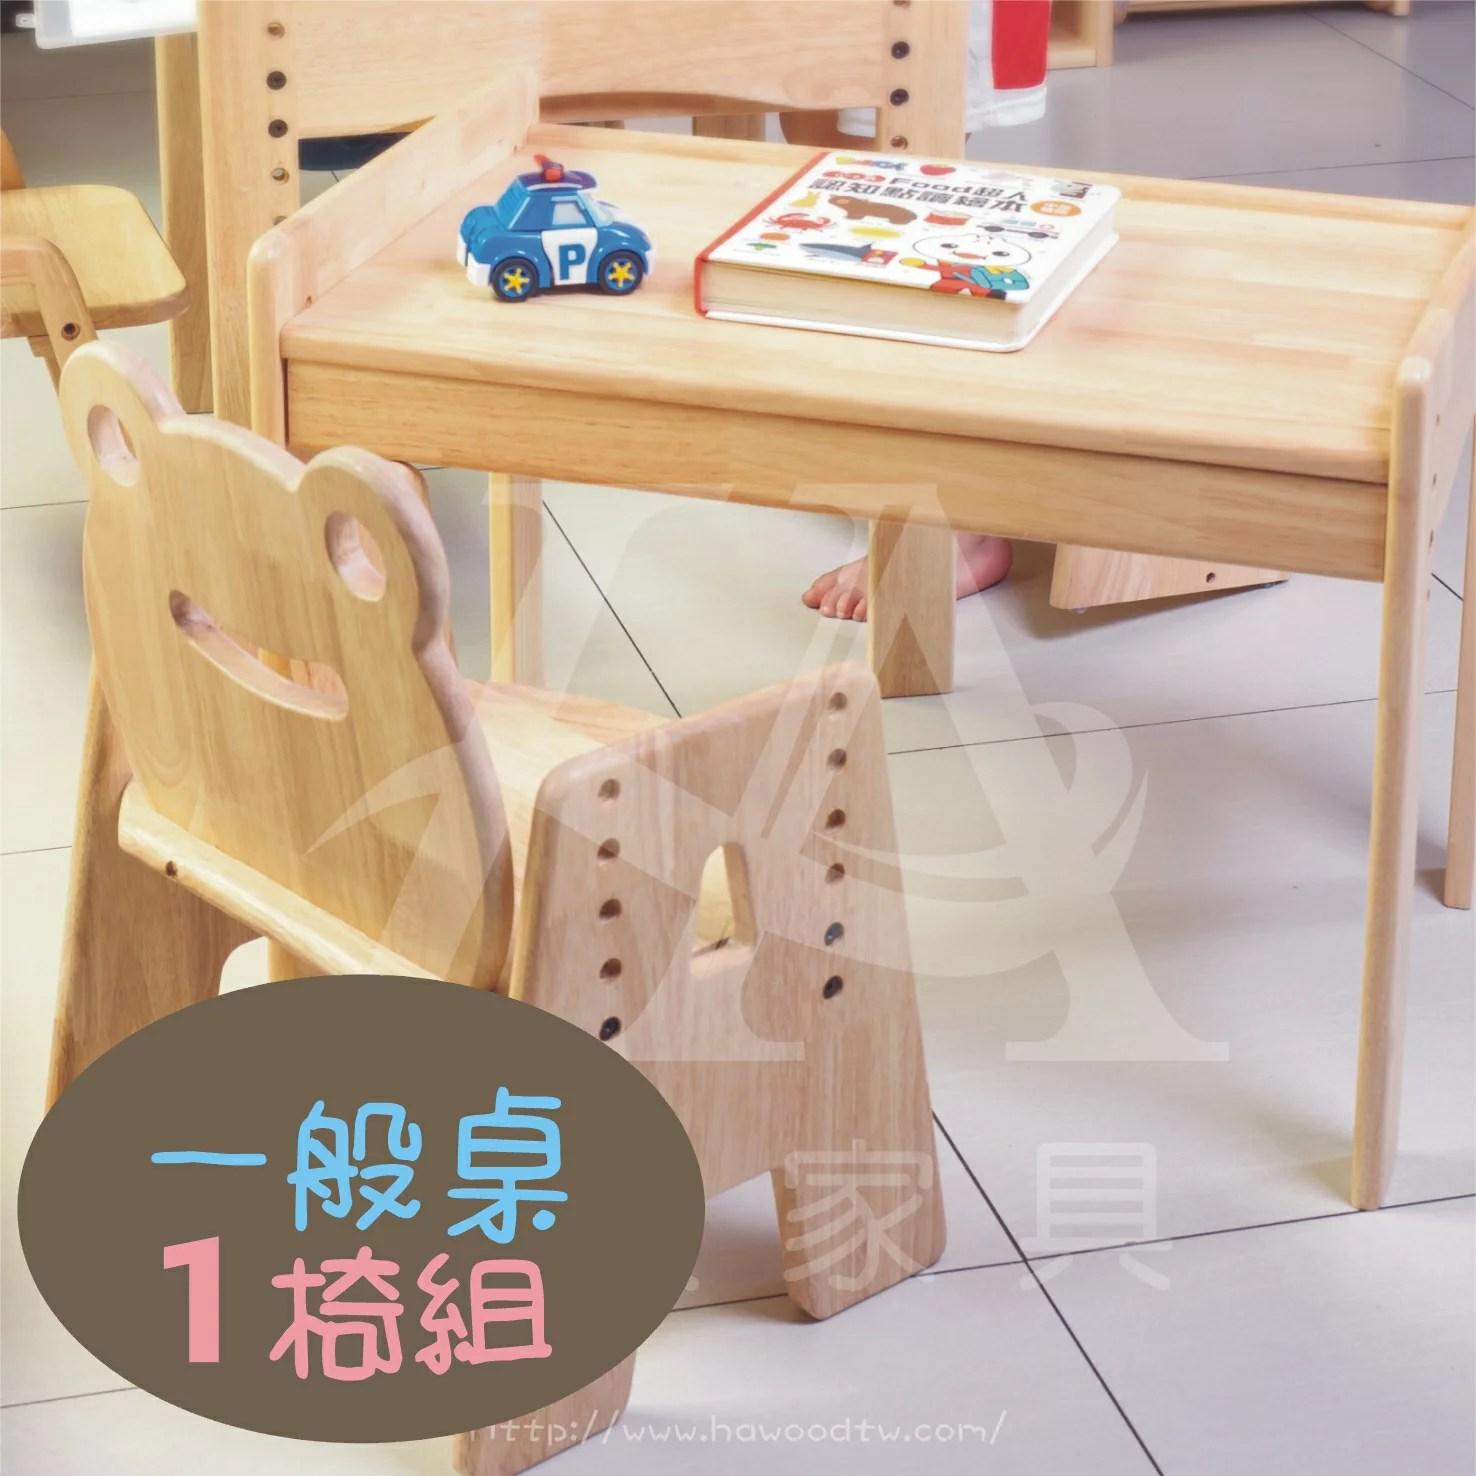 買到賺到環安家具-幼兒成長桌椅組可愛動物椅款(一般桌)-一桌一椅組-可多段調整-寶寶 兒童書桌椅★護木保養 ...